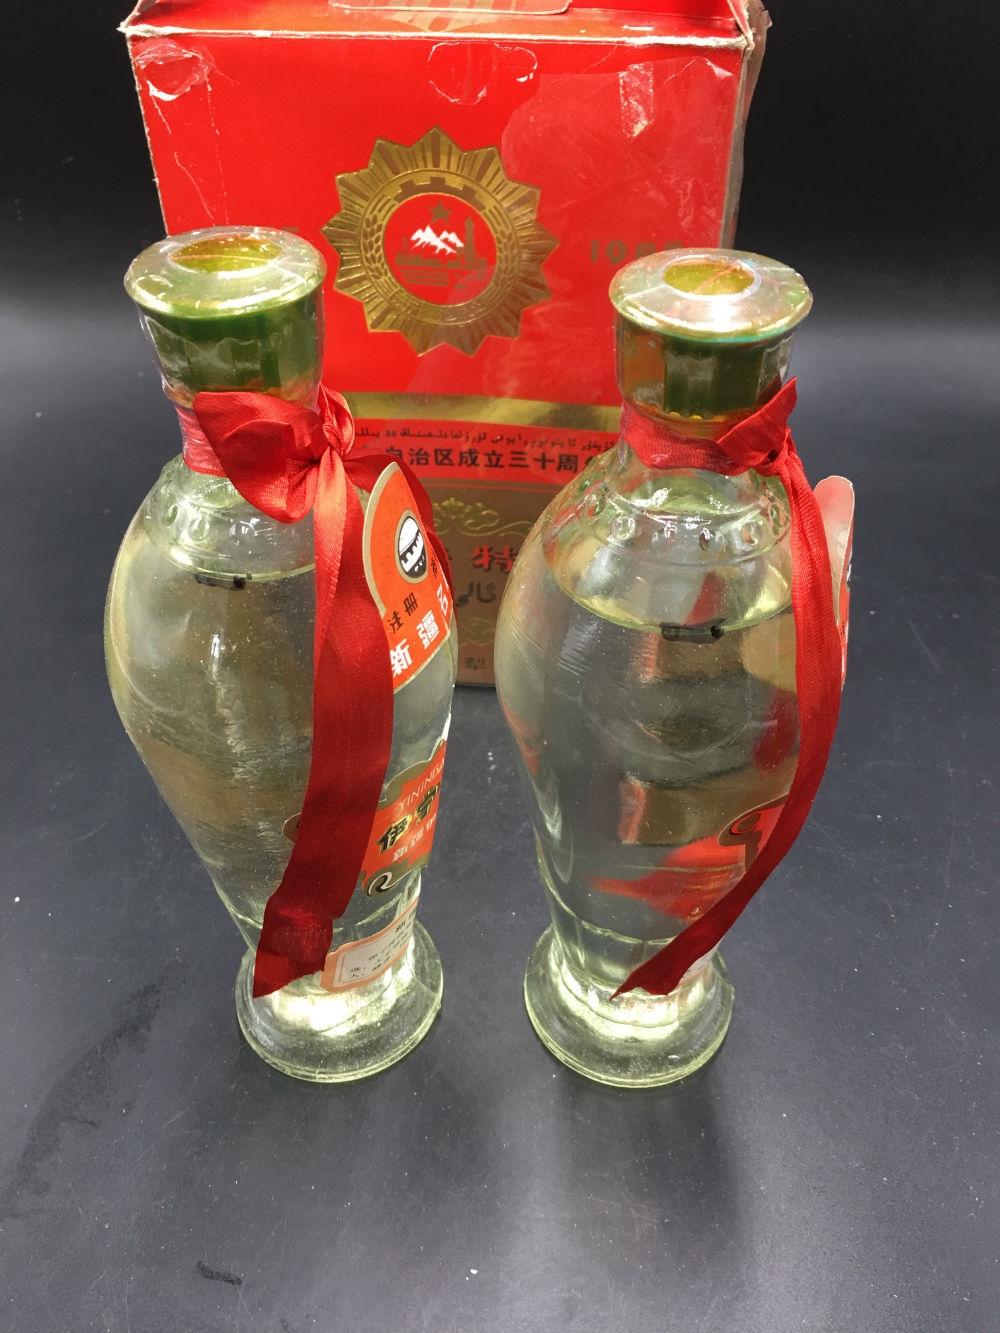 ██新疆维吾尔自治区成立三十周年纪念---精品收藏85年新疆名酒《伊宁特曲》██